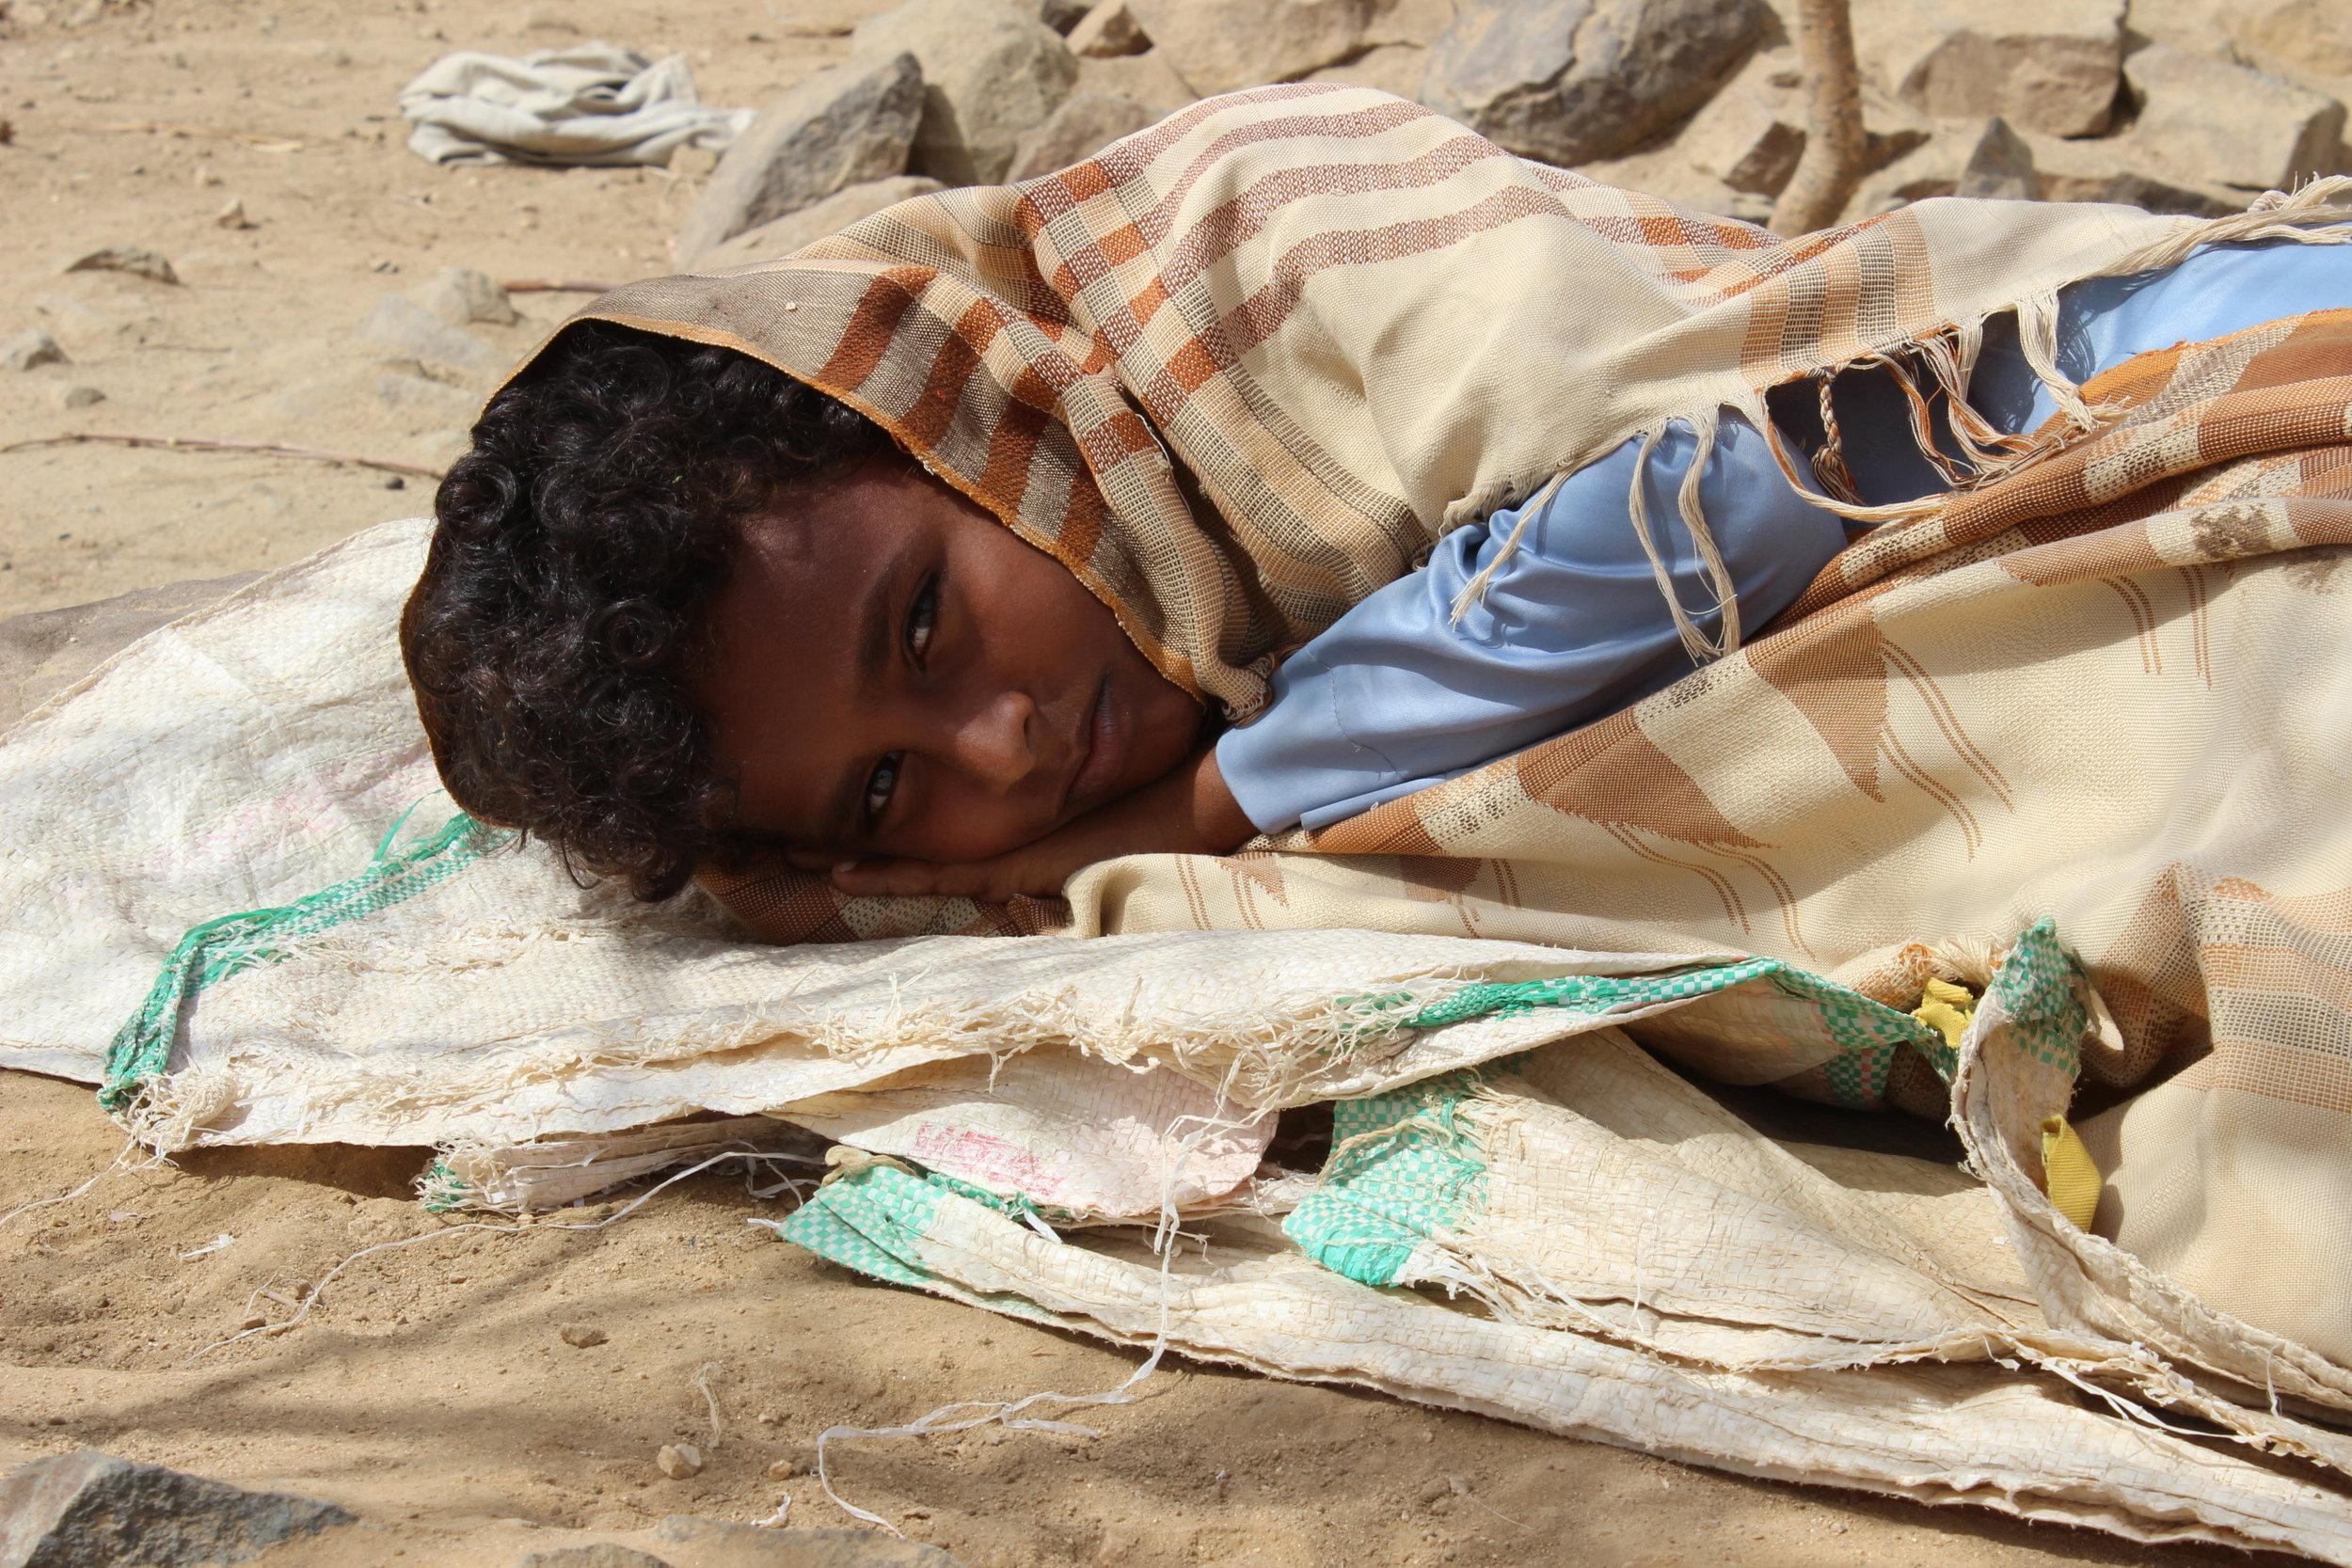 Moayed Al-Shaibani/Oxfam Yemen - March 2017